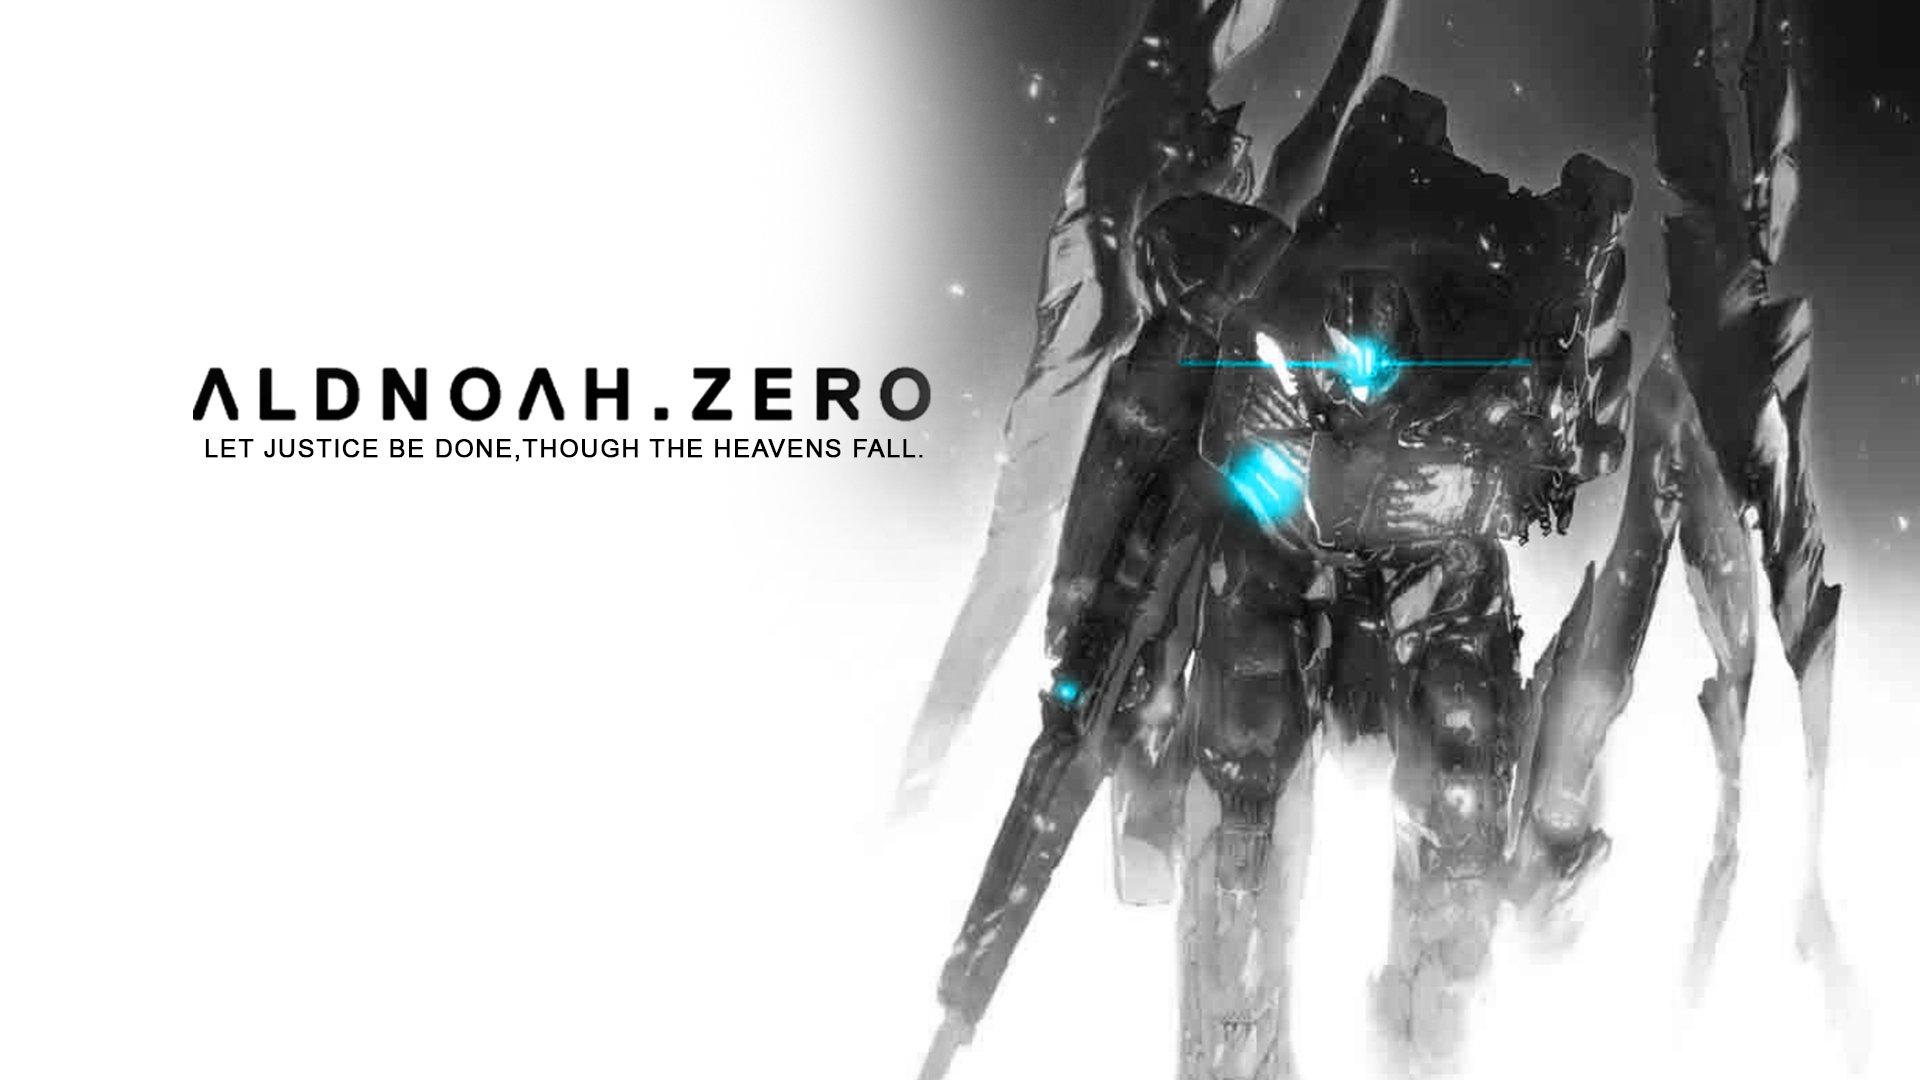 Aldnoah Zero hd wallpaper